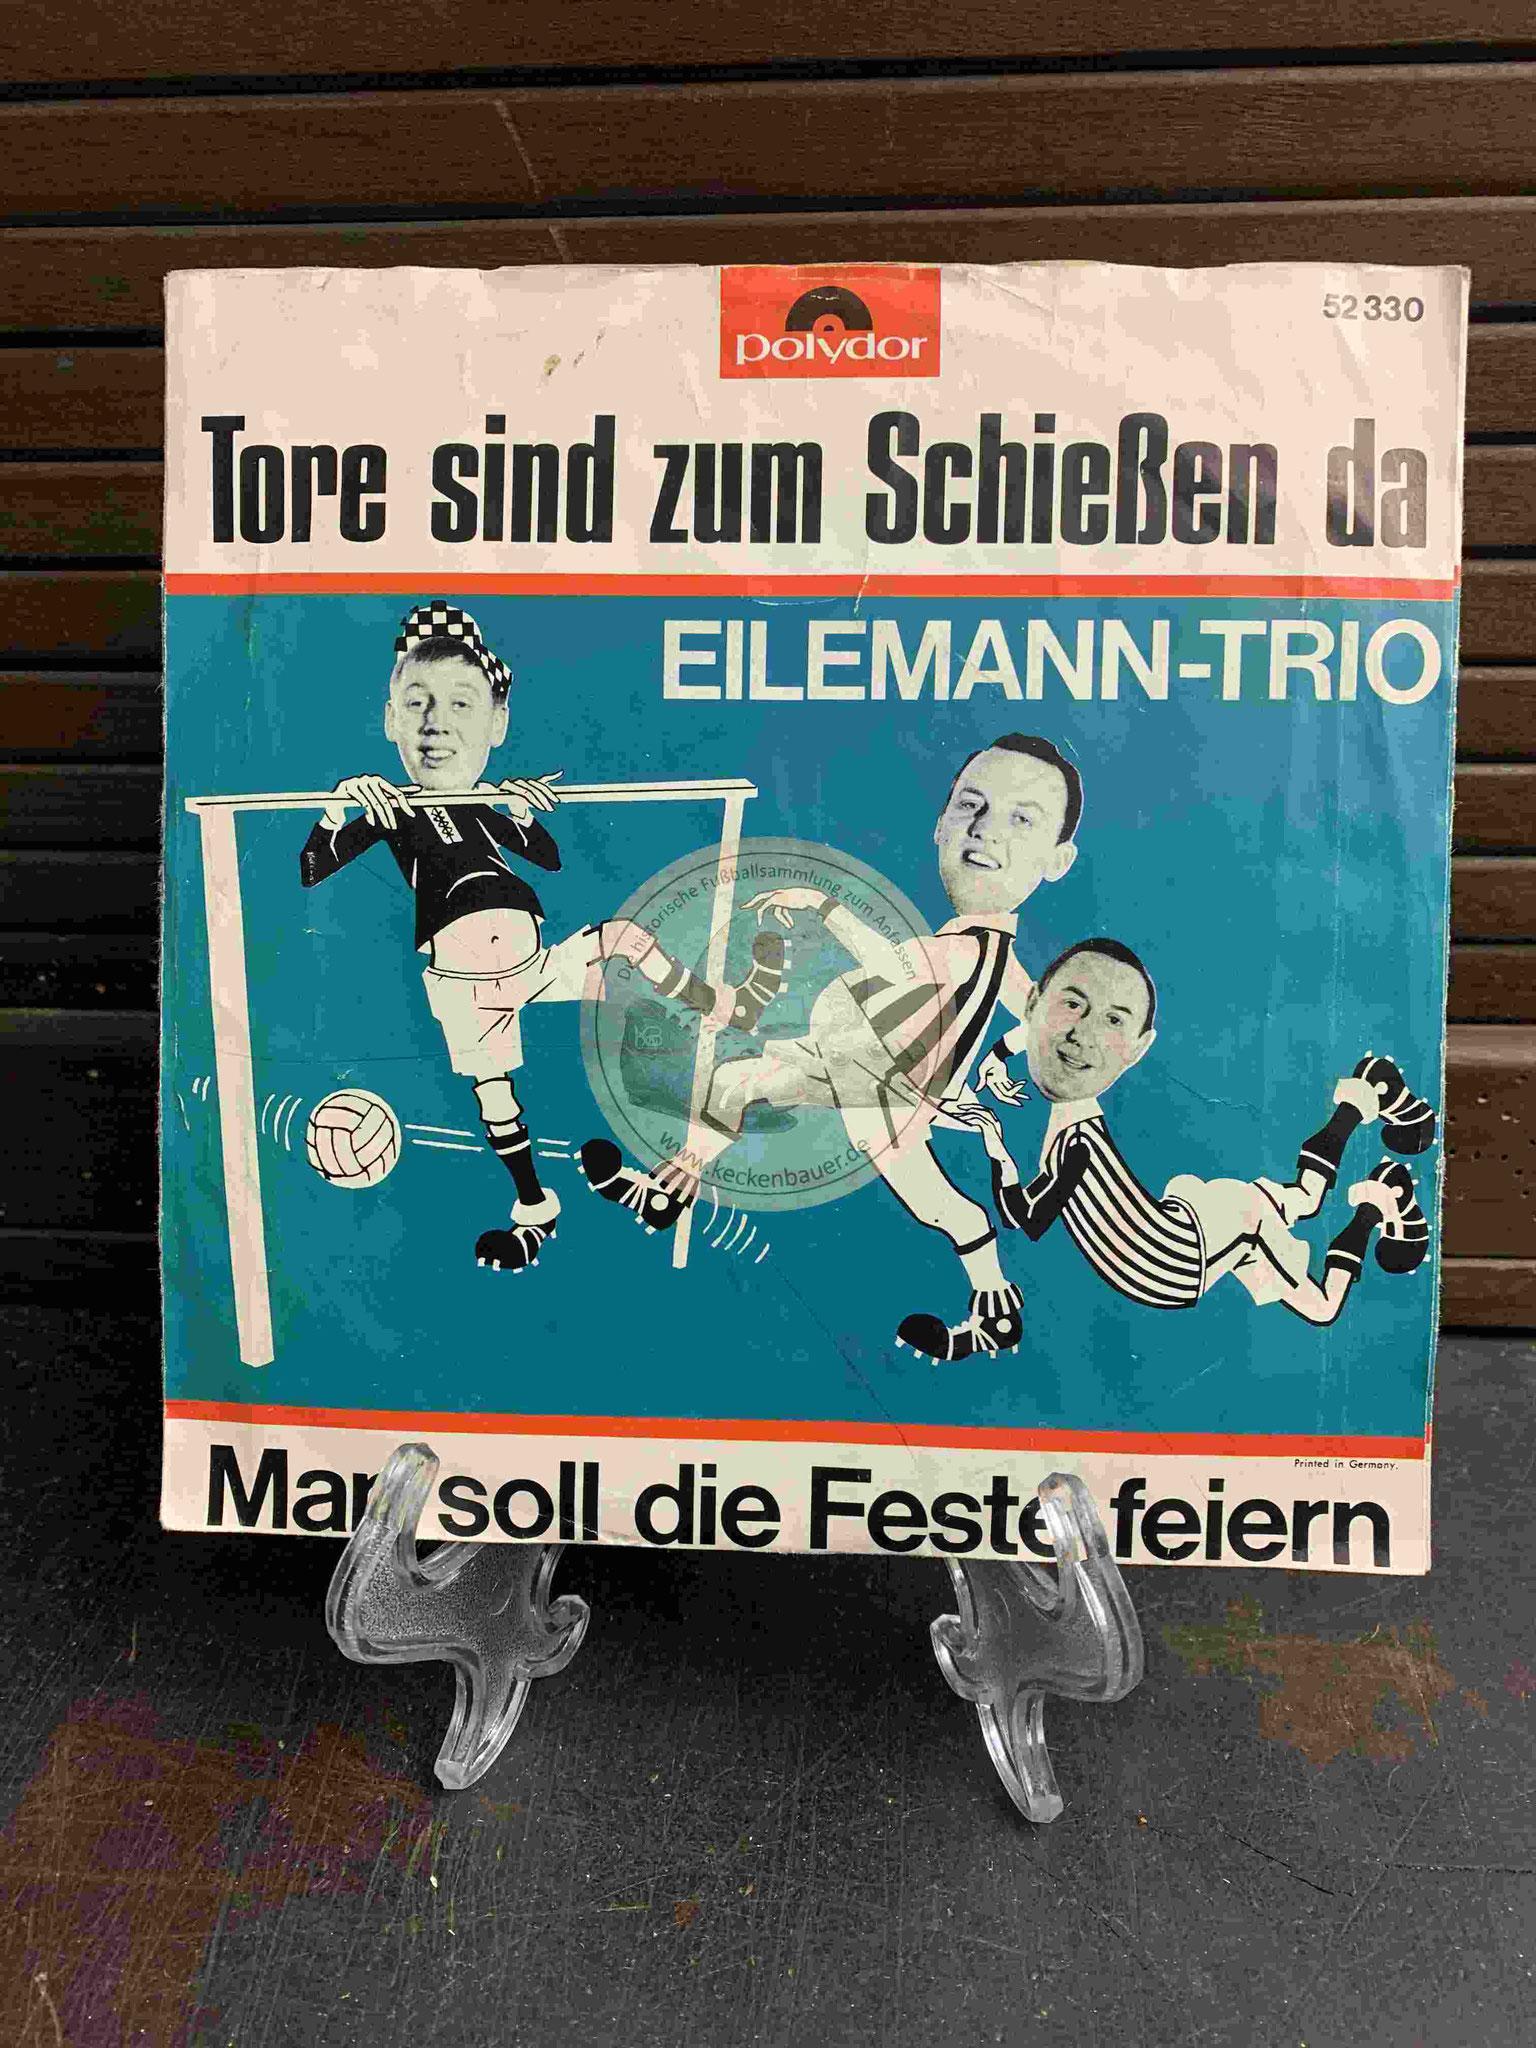 1964 Fußball-Single Tore sind zum Schießen da Eilemann-Trio Polydor